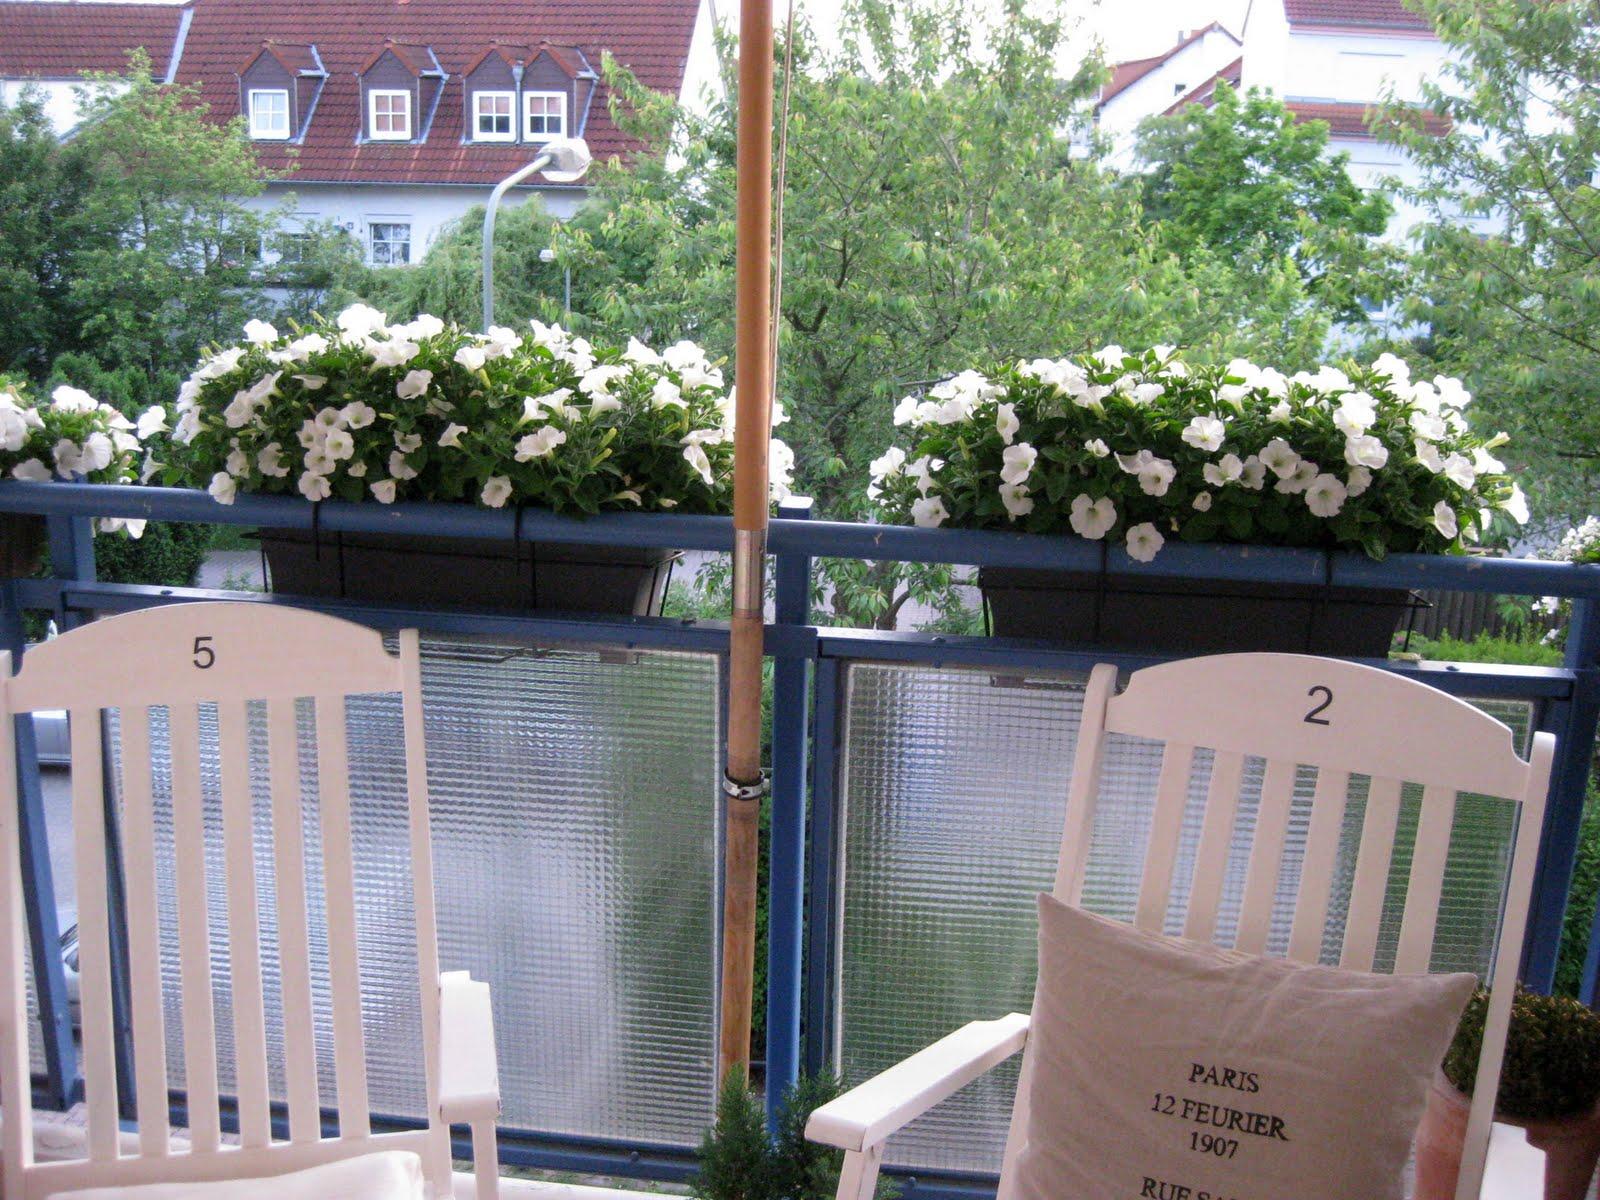 My house of ideas projekt auf dem balkon - Krautergarten auf dem balkon ...